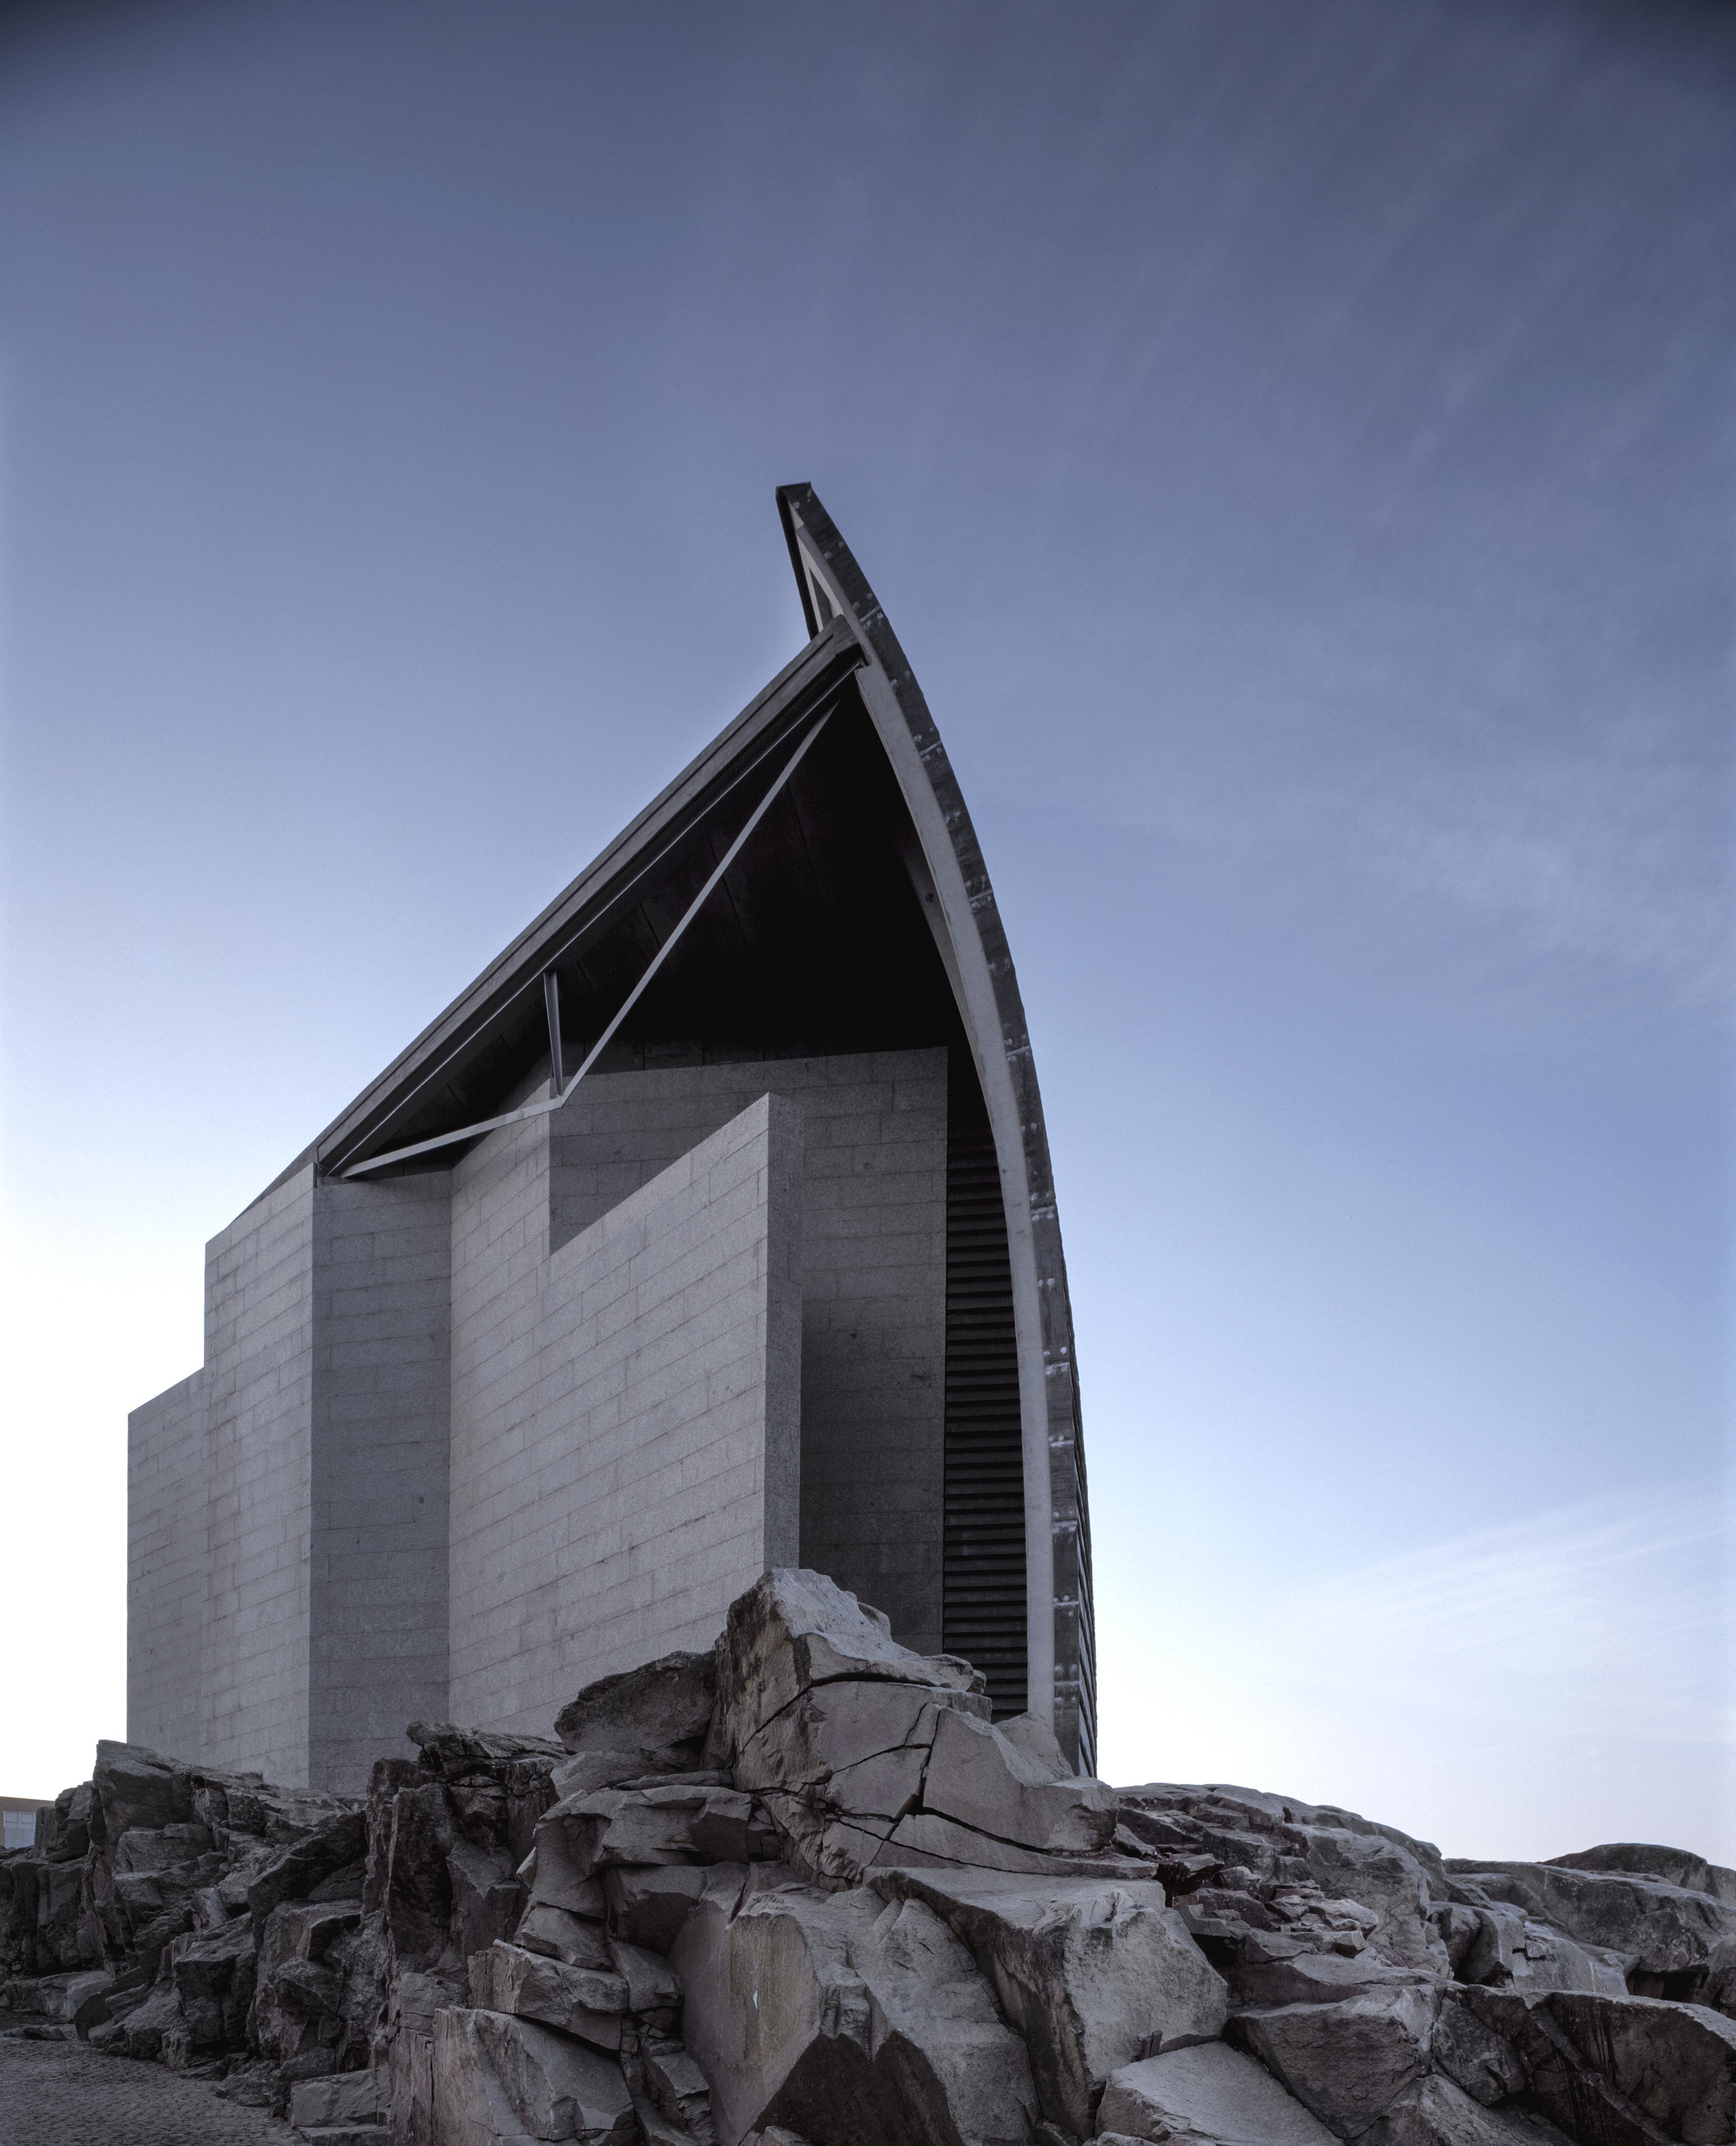 Domus-Casa del hombre. Un museo interactivo construido en La Coruña, España, abierto en 1995.